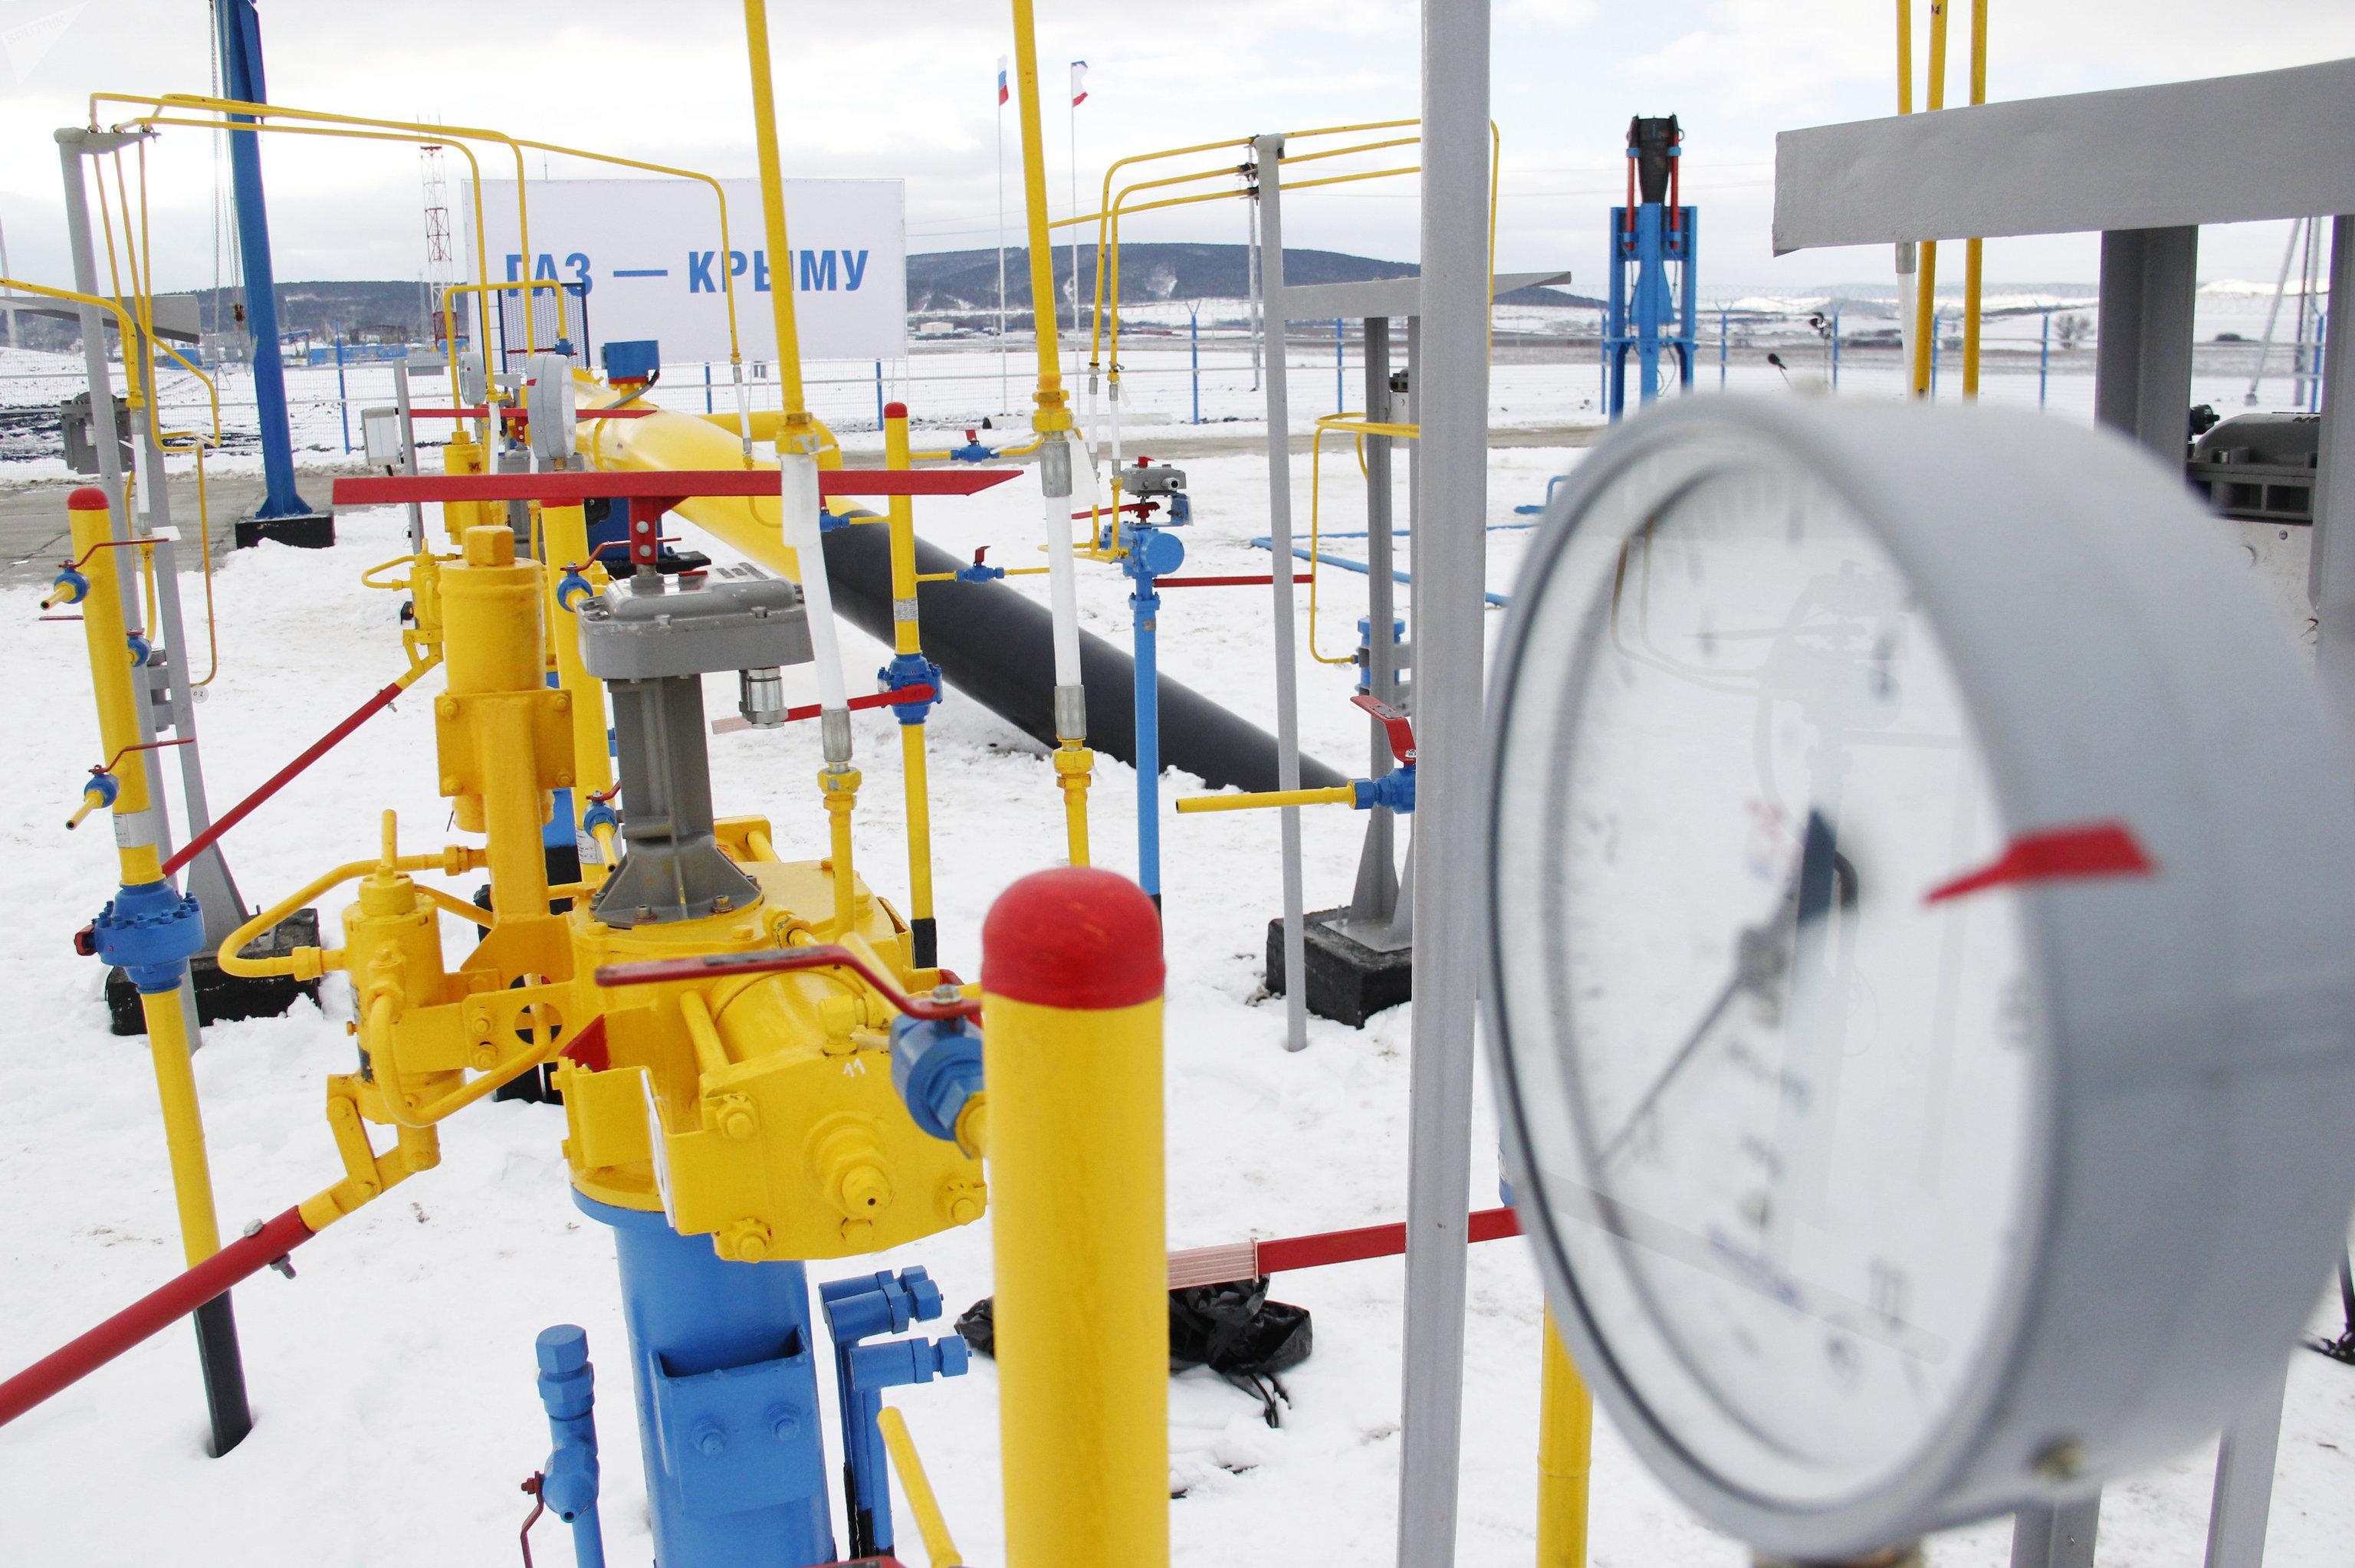 Le gaz russe ne demande pas une infrastructure chère de regazéification et n'engendre pas des coûts d'acheminement exorbitant